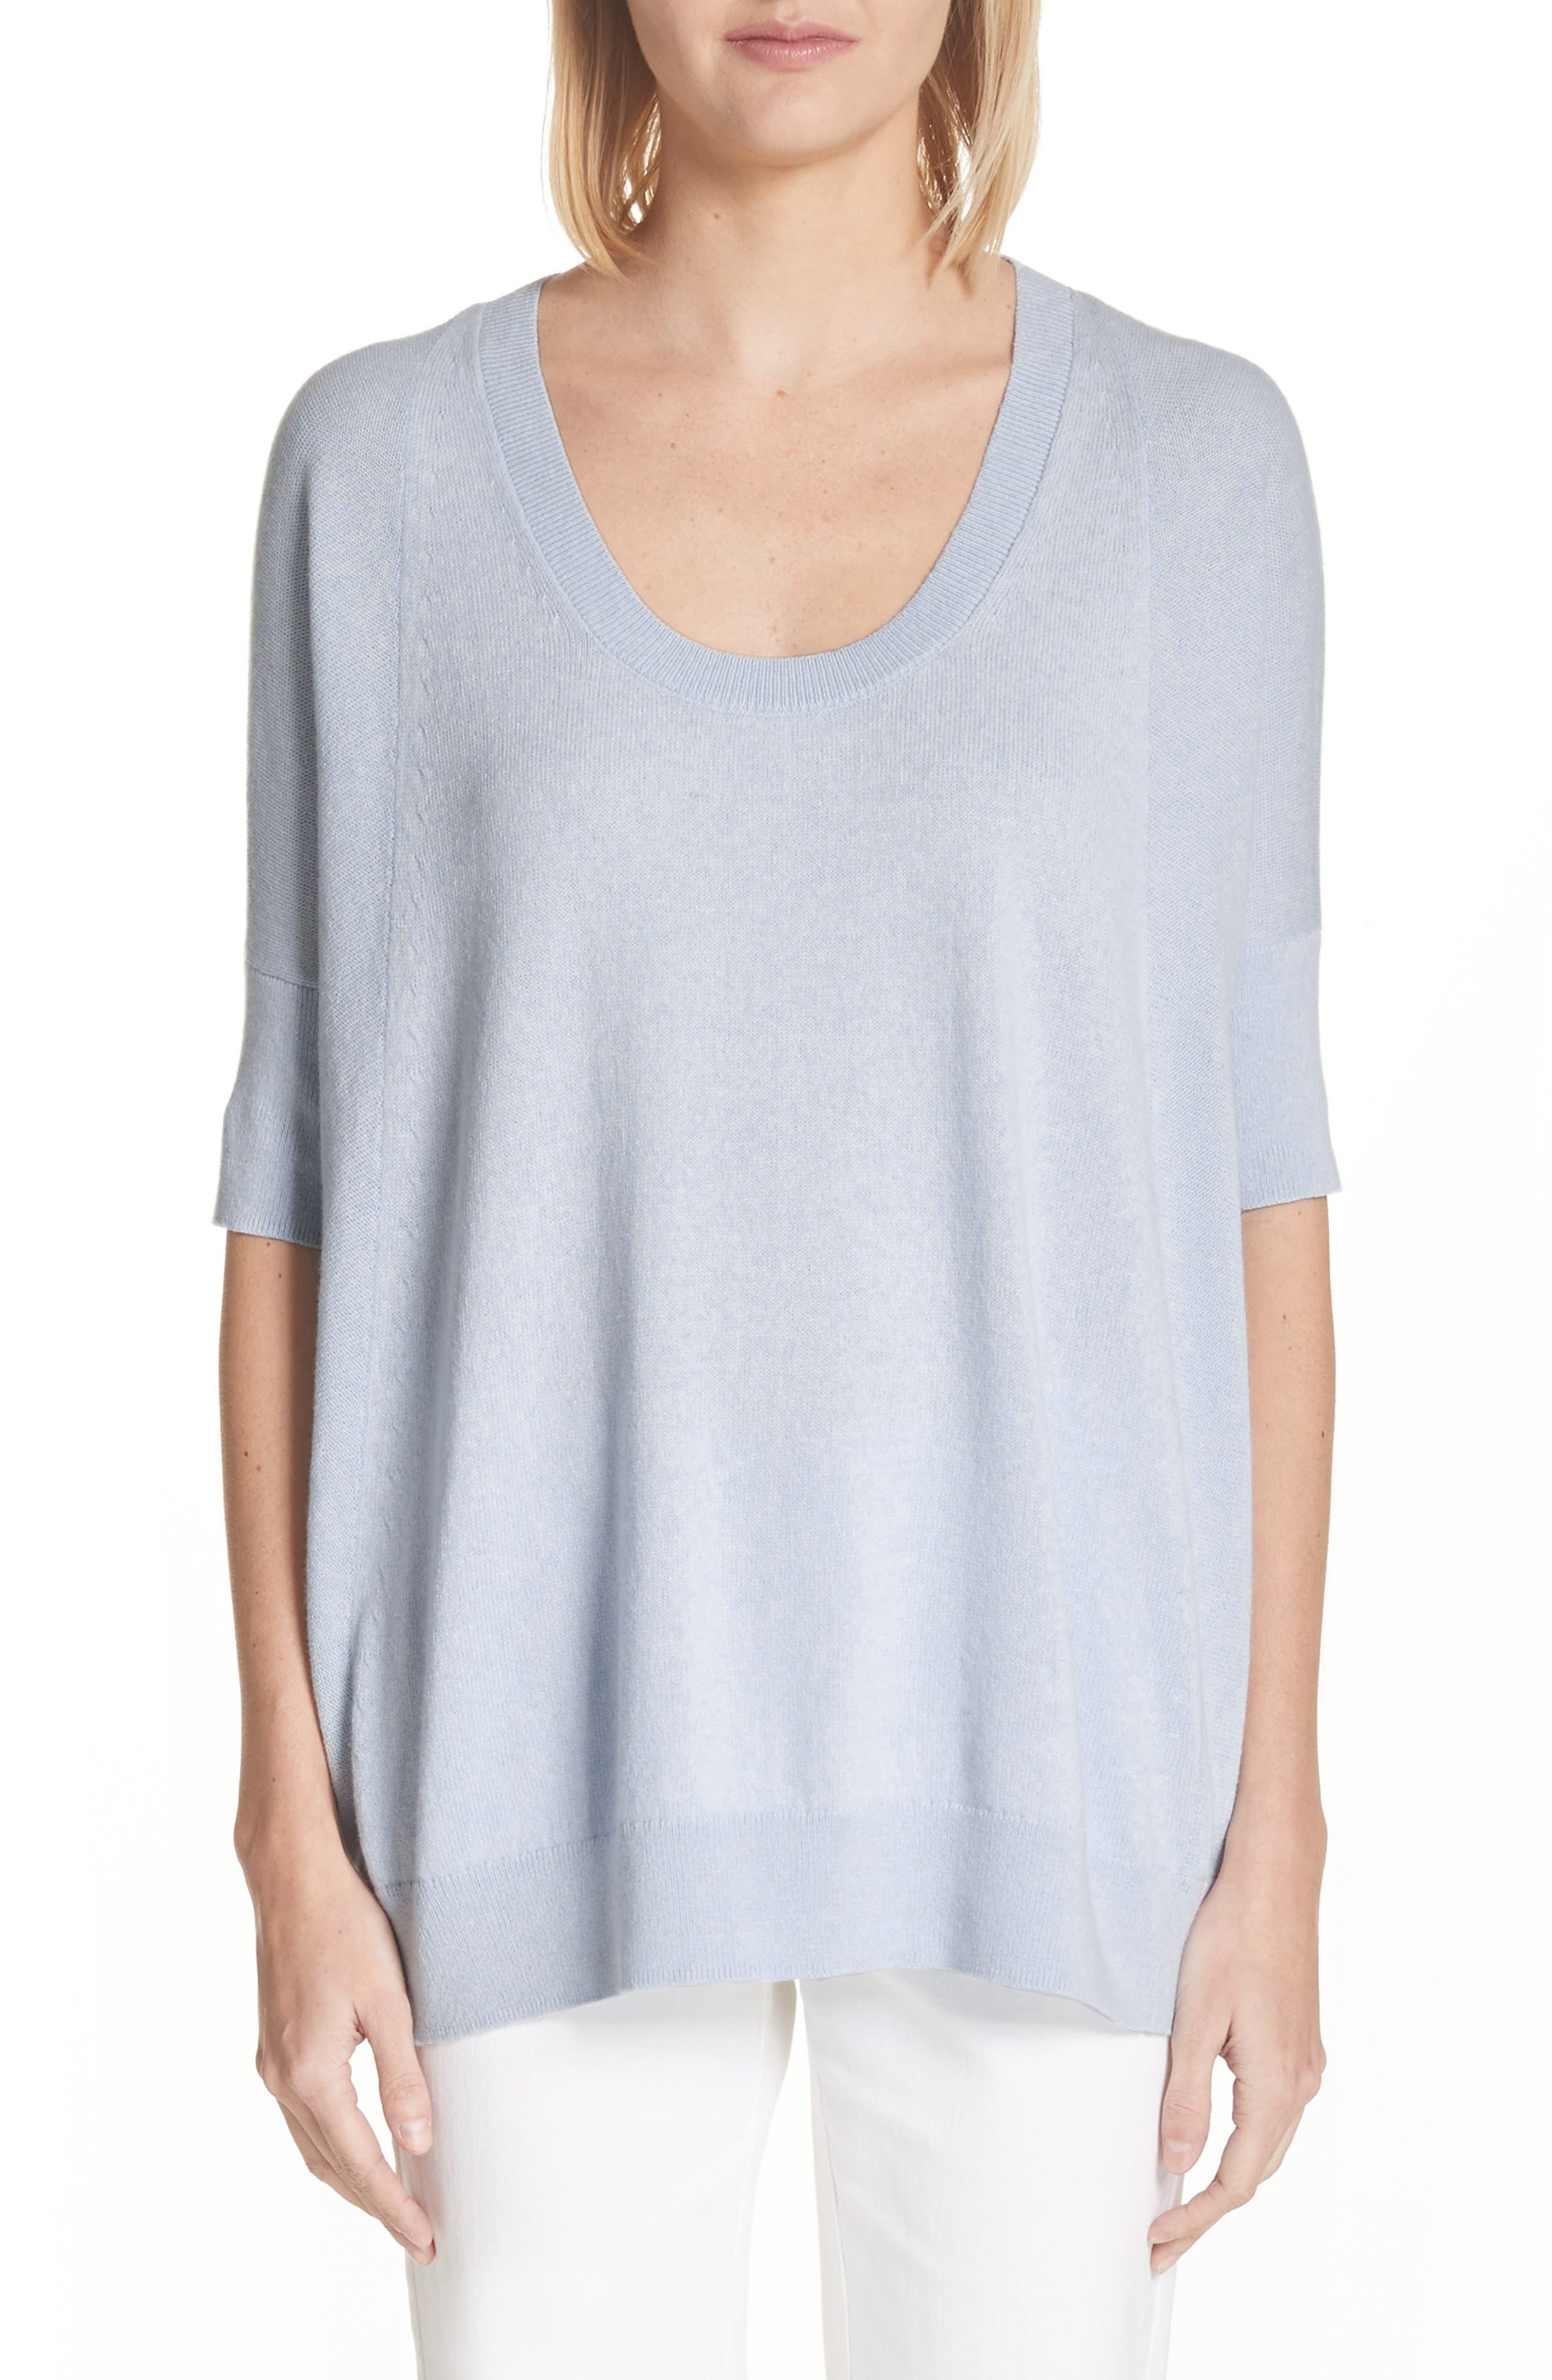 Cotton, Cashmere & Silk Oversized Scoop Neck Sweater,                             Main thumbnail 1, color,                             Pale Blue Melange